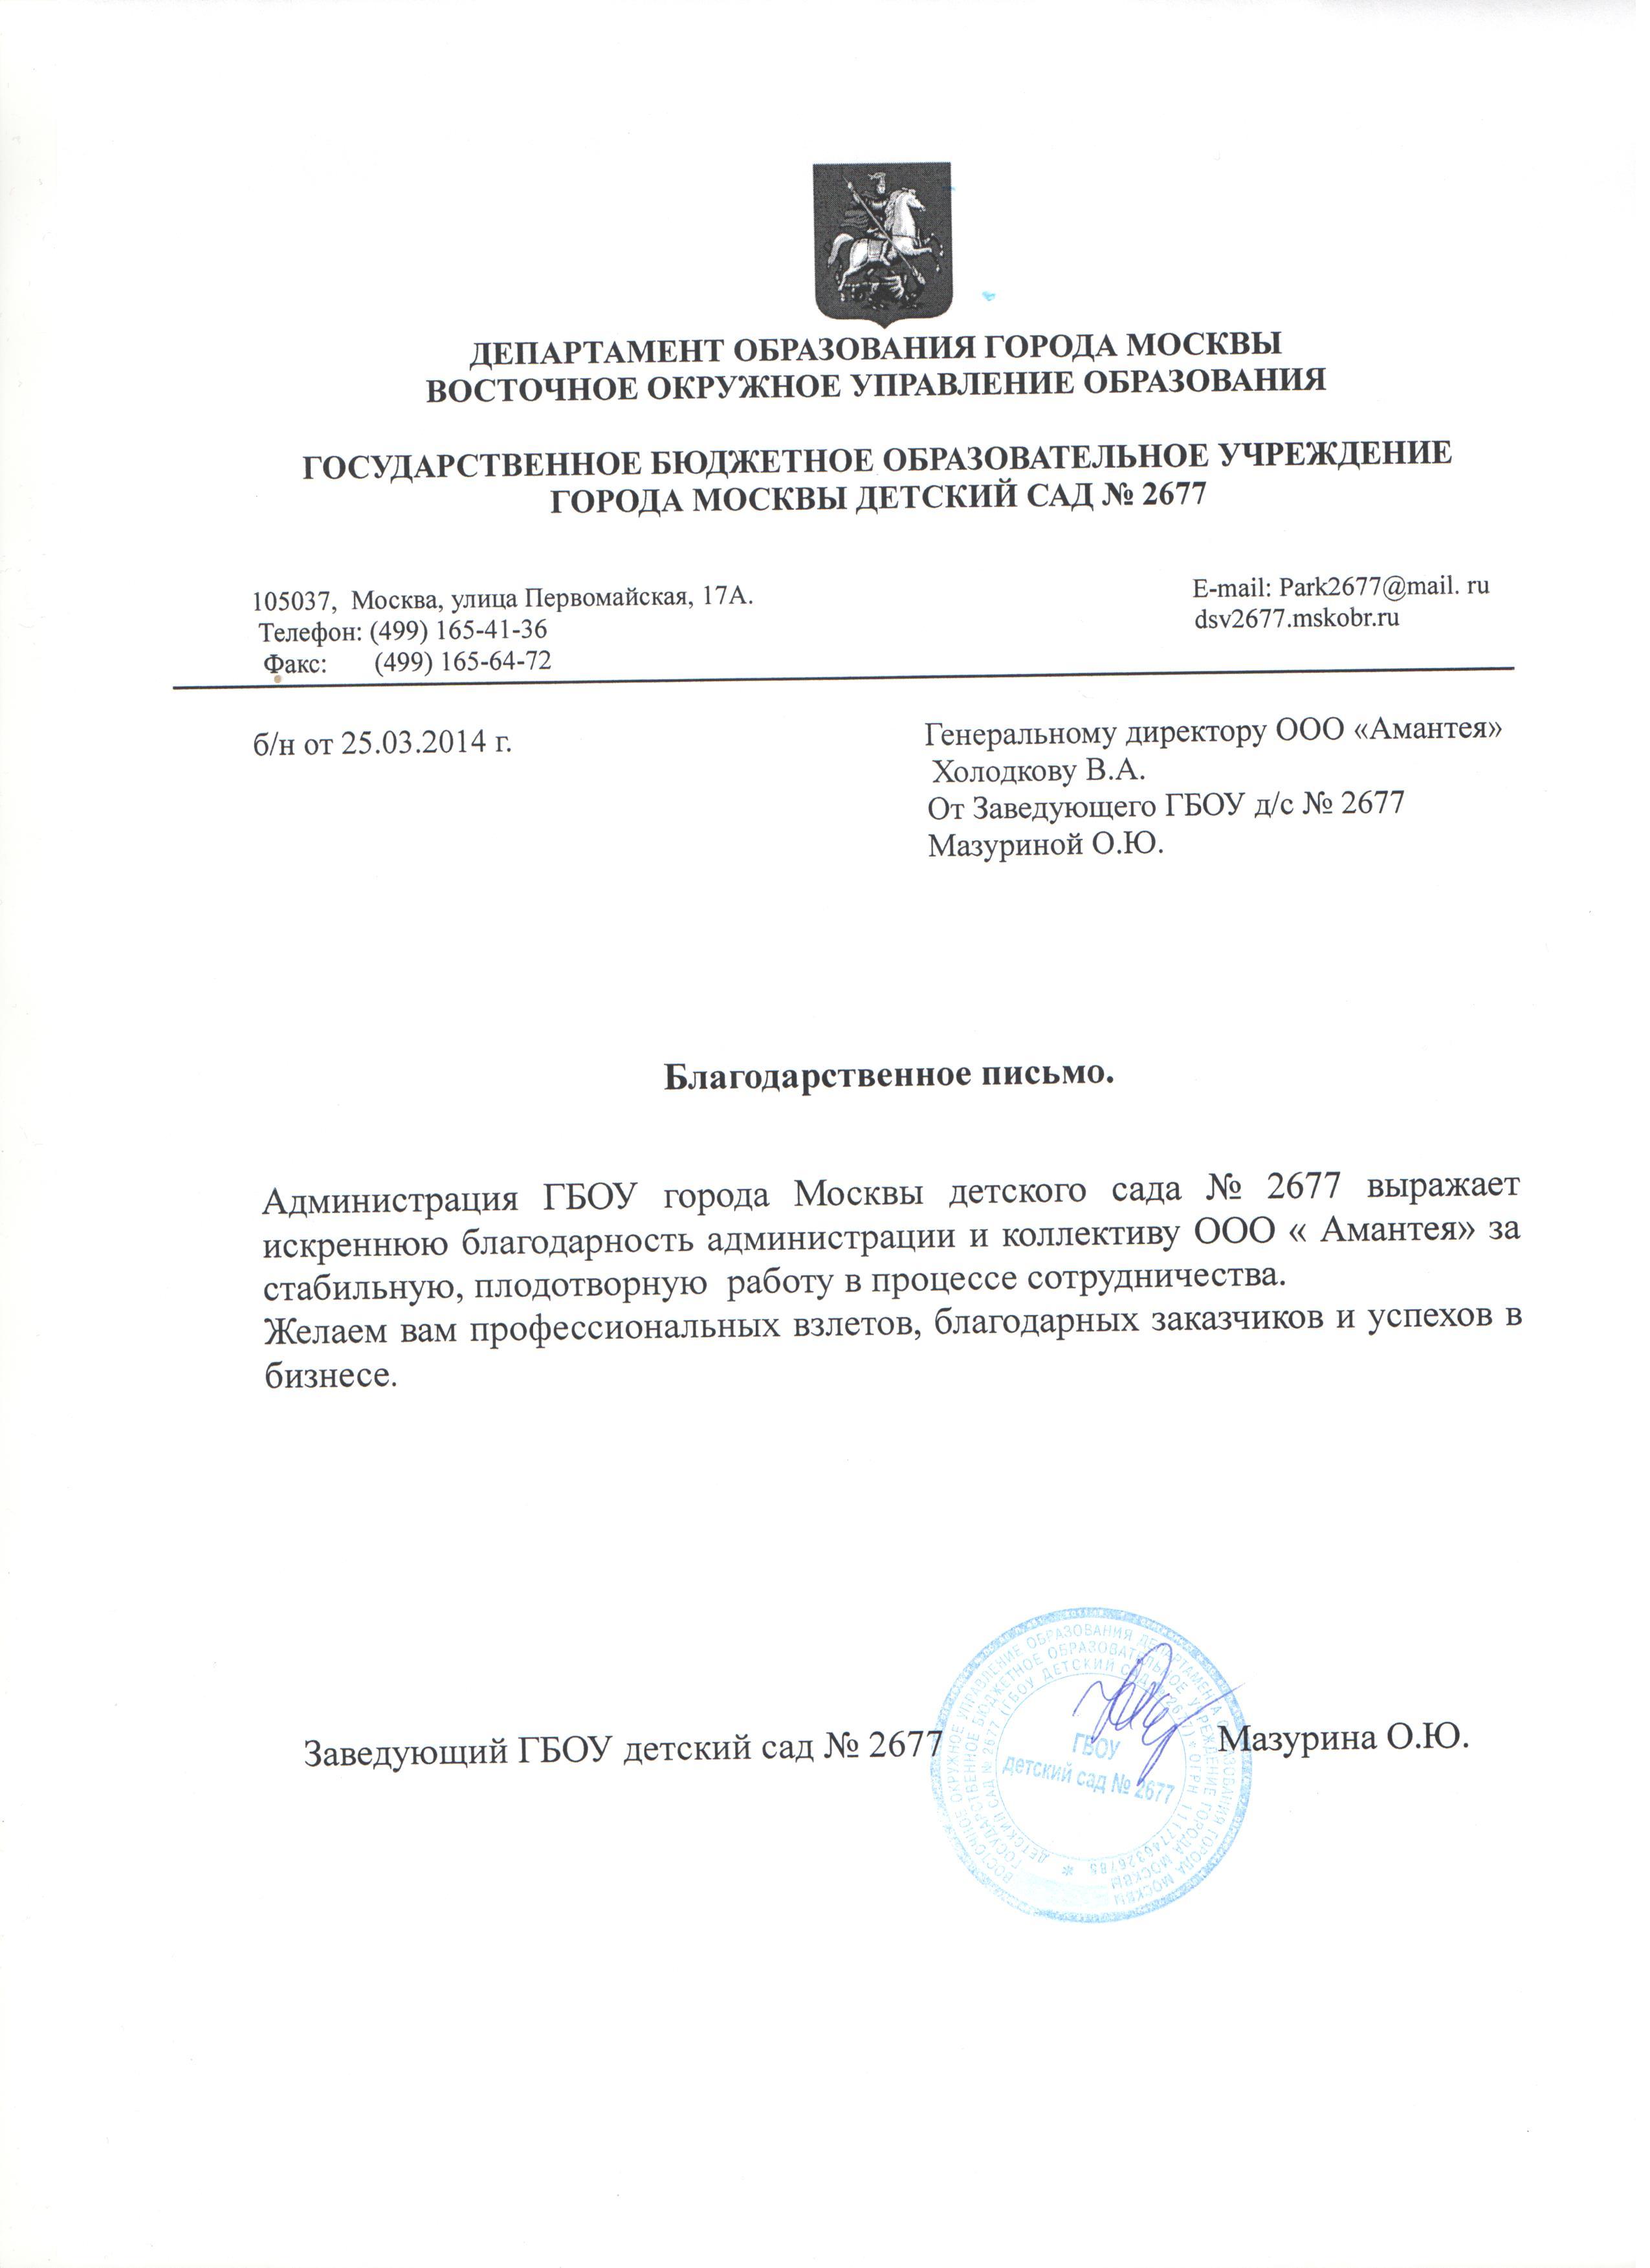 ГБОУ г.Москвы детский сад компенсирующего вида №2677